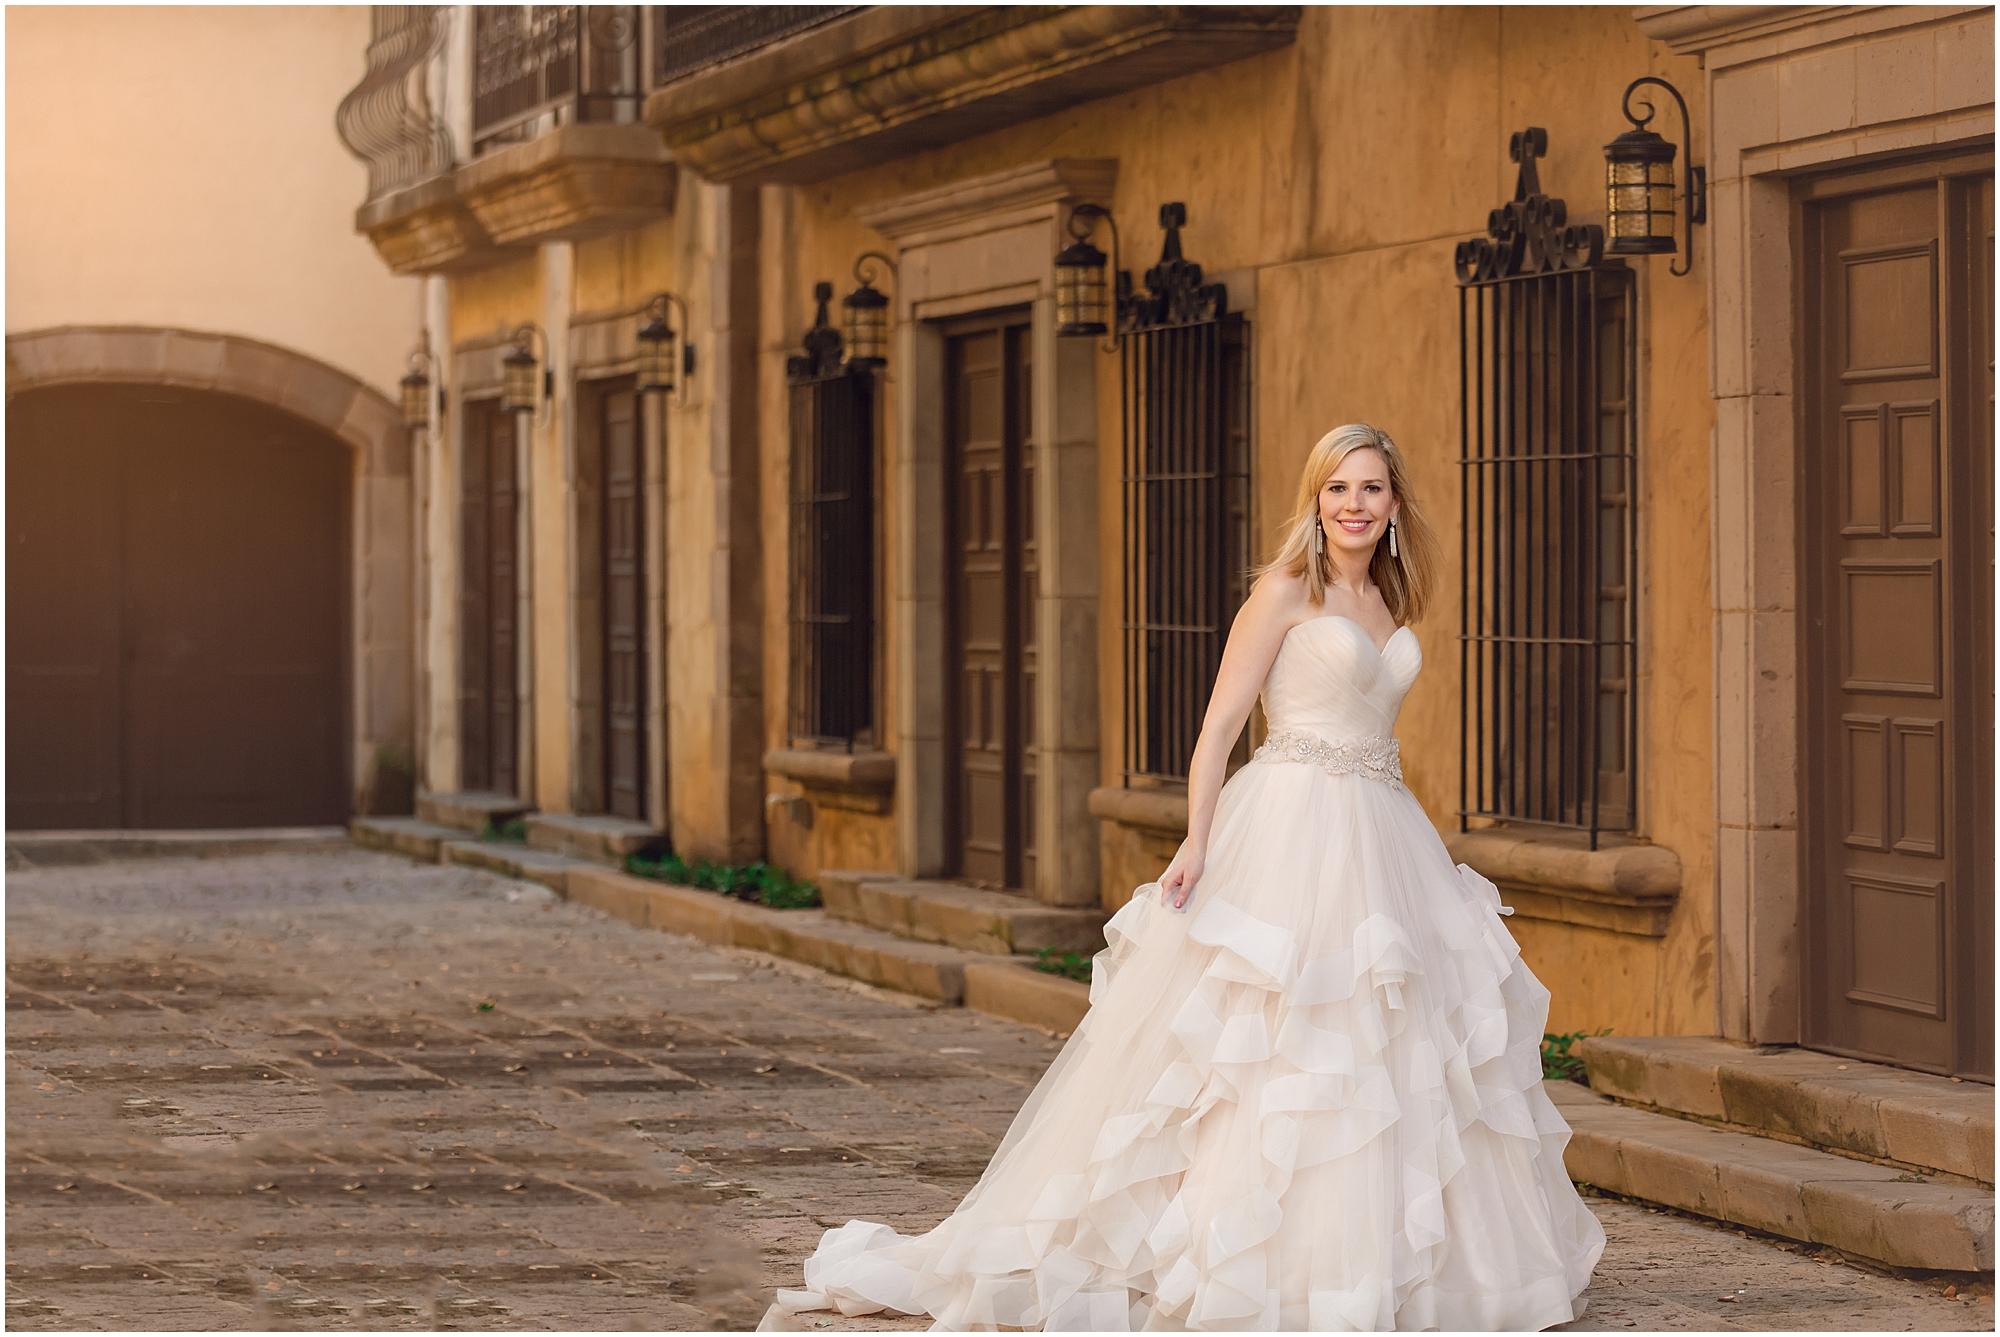 bridal portraits mandalay canals